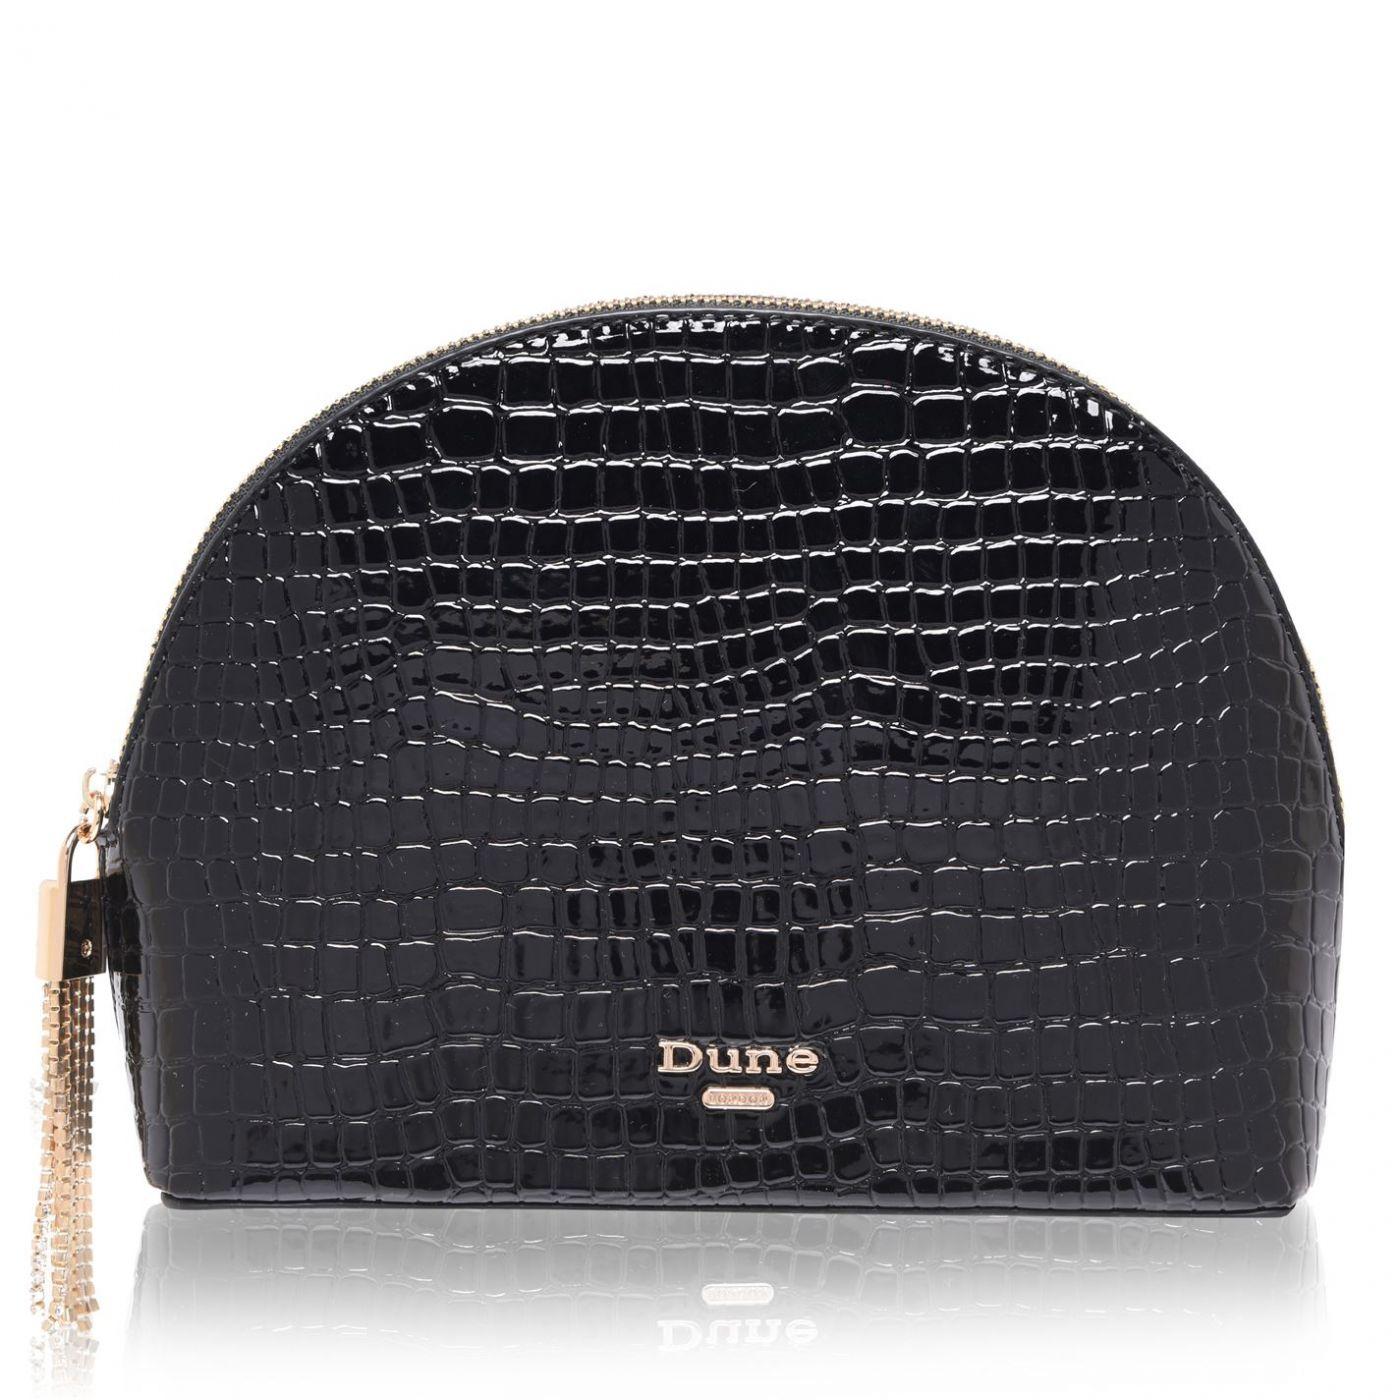 Dune Make Up Bag 03 BX99